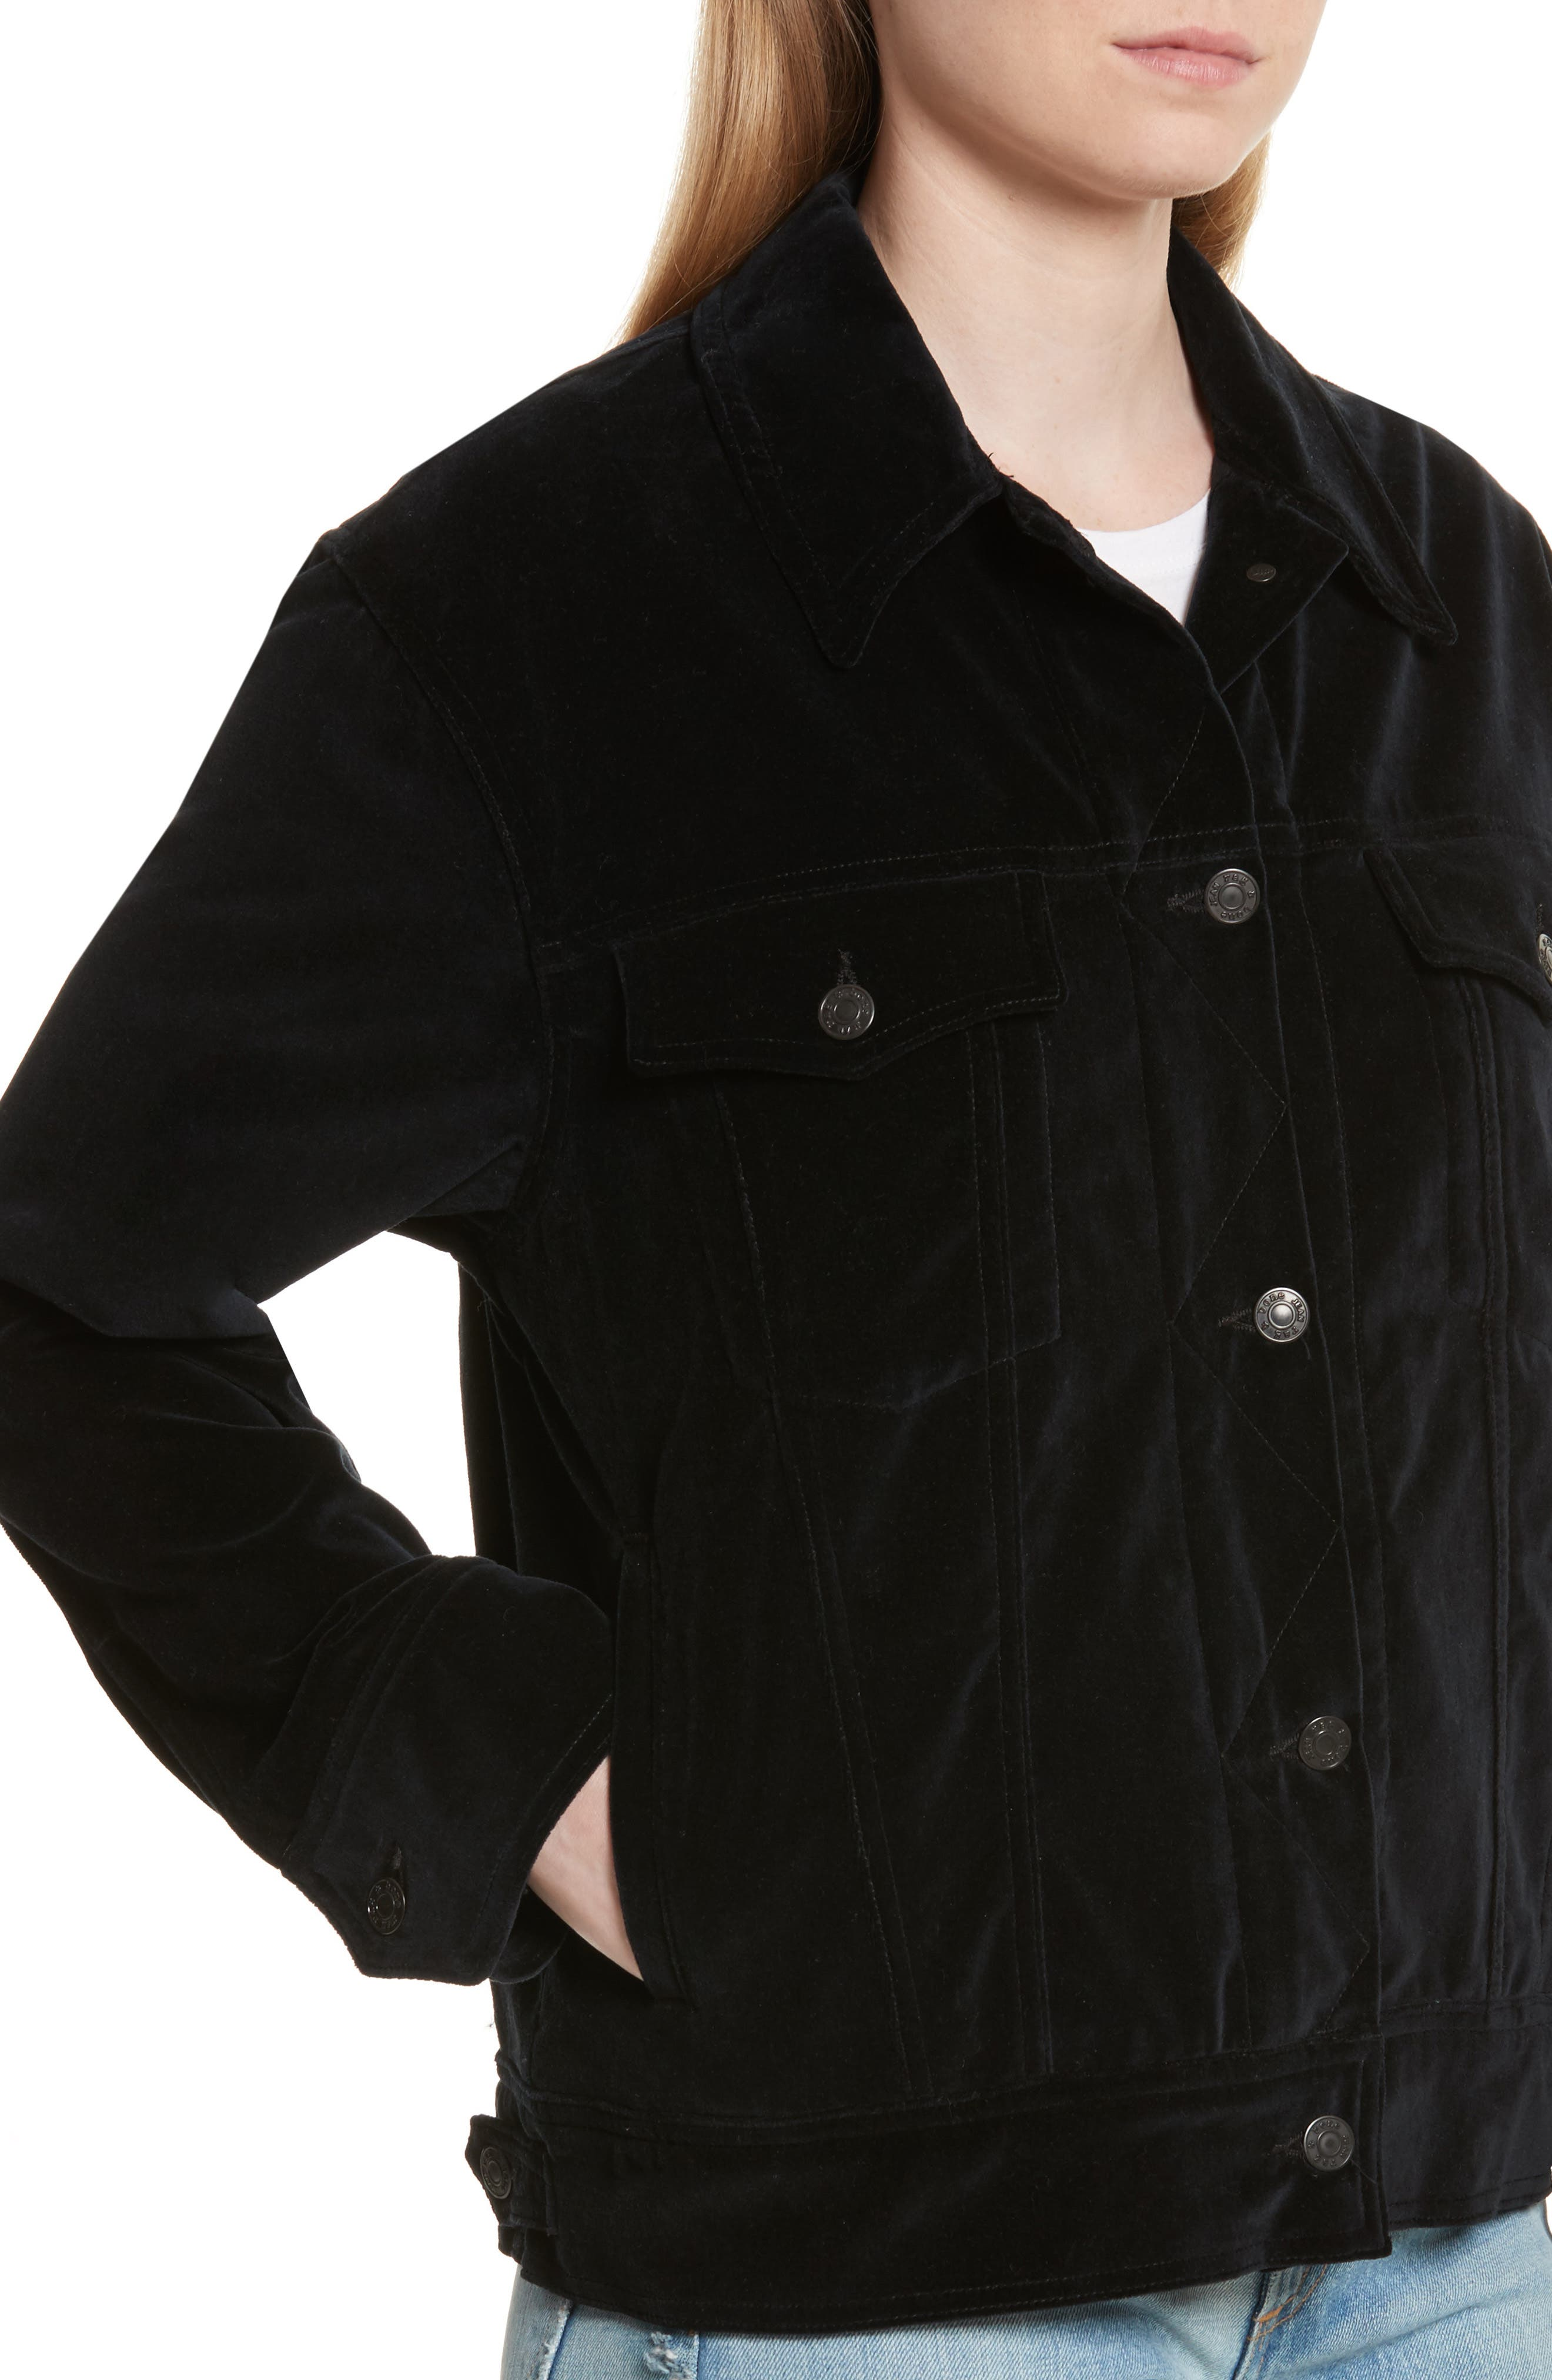 Oversize Velvet Jacket,                             Alternate thumbnail 4, color,                             Black Velvet